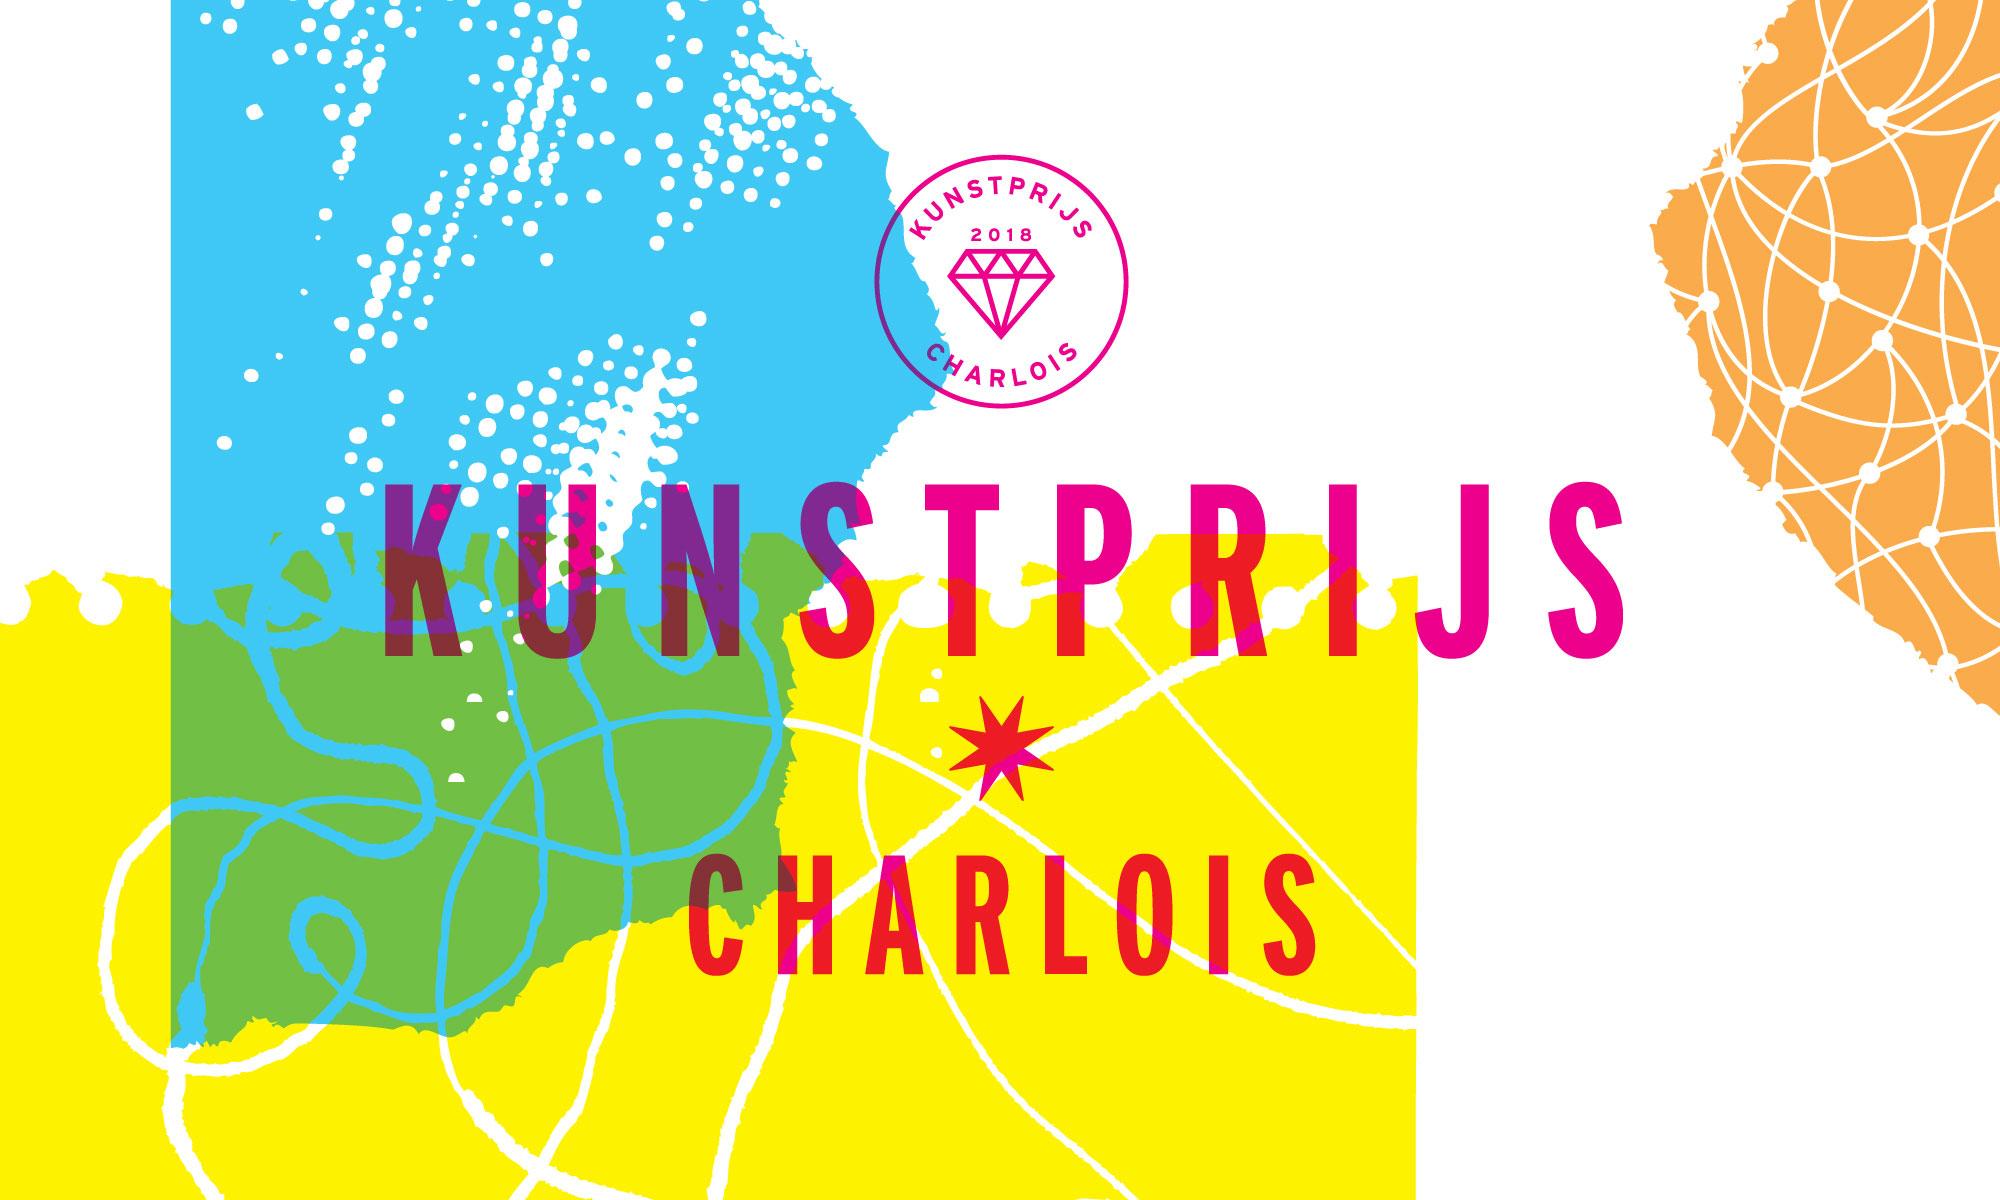 Kunstprijs Charlois 2018